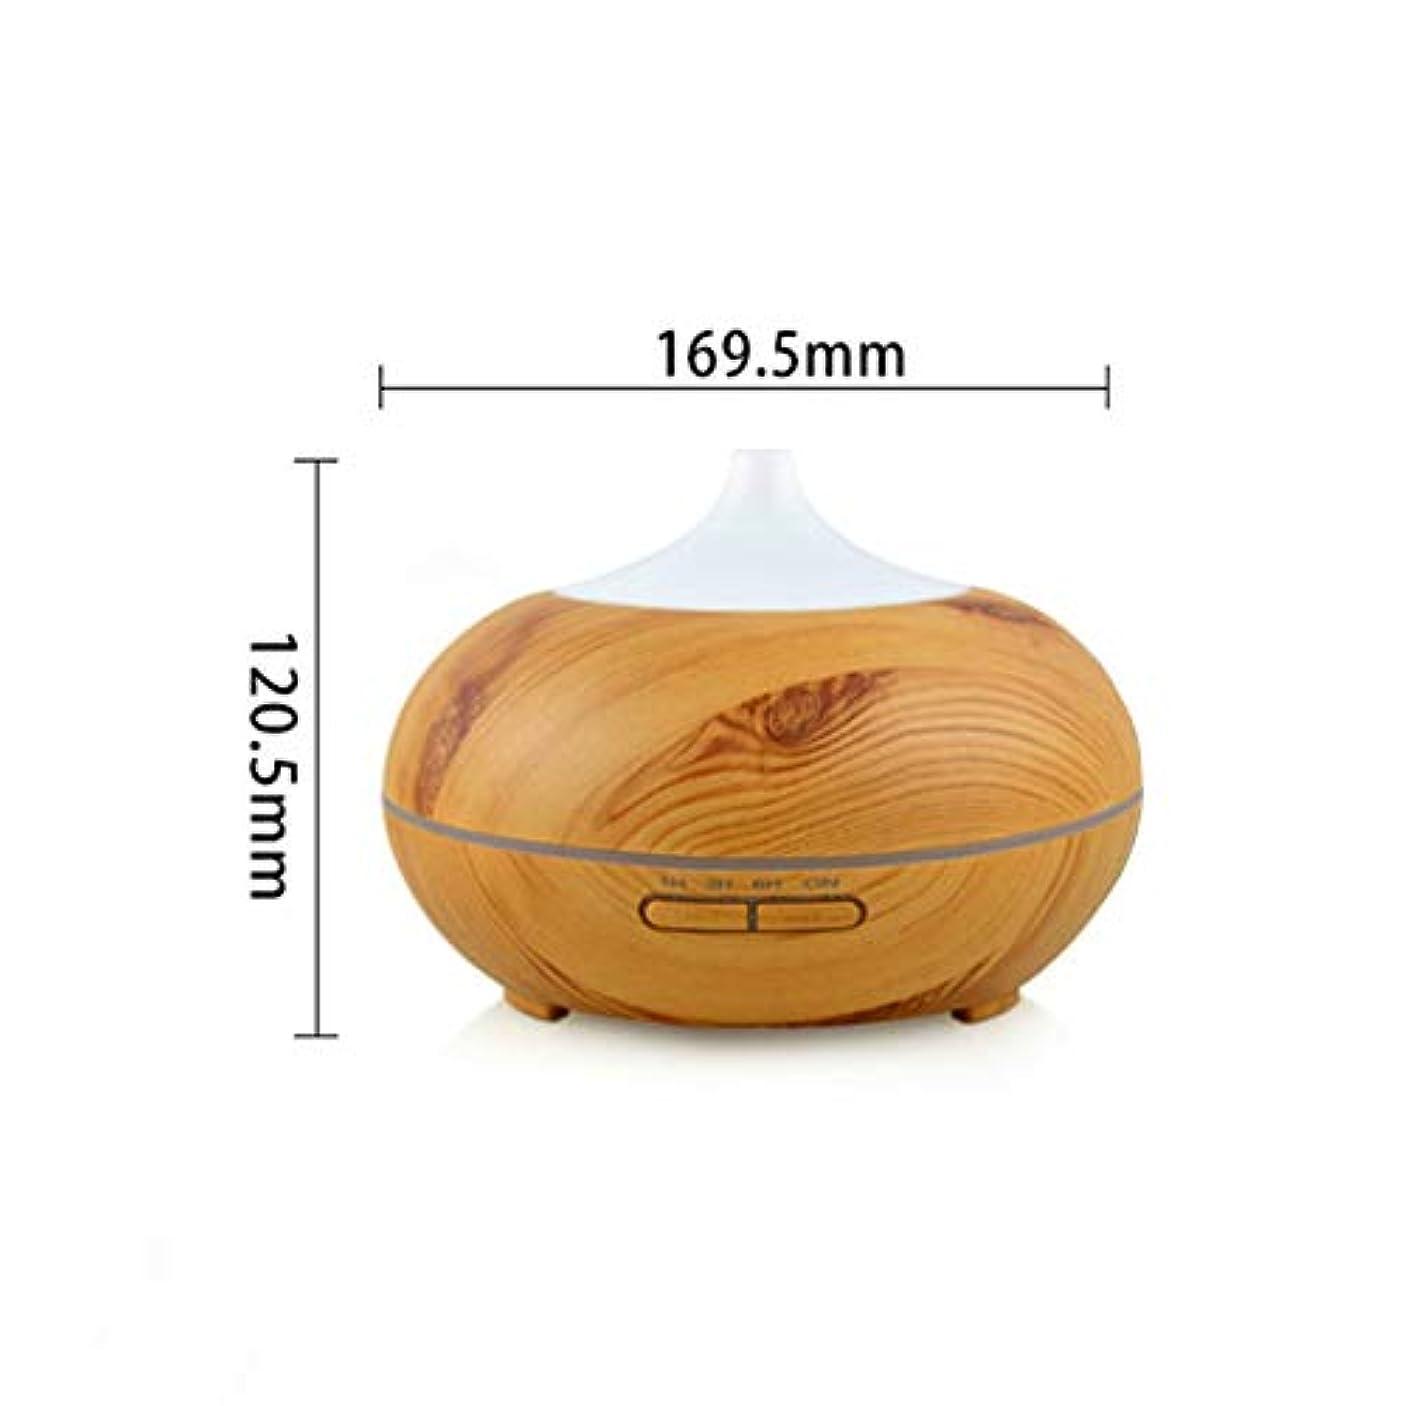 ルアーかすかなあからさま木目 涼しい霧 加湿器,7 色 空気を浄化 加湿機 時間 手動 Wifiアプリコントロール 精油 ディフューザー アロマネブライザー Yoga- 300ml